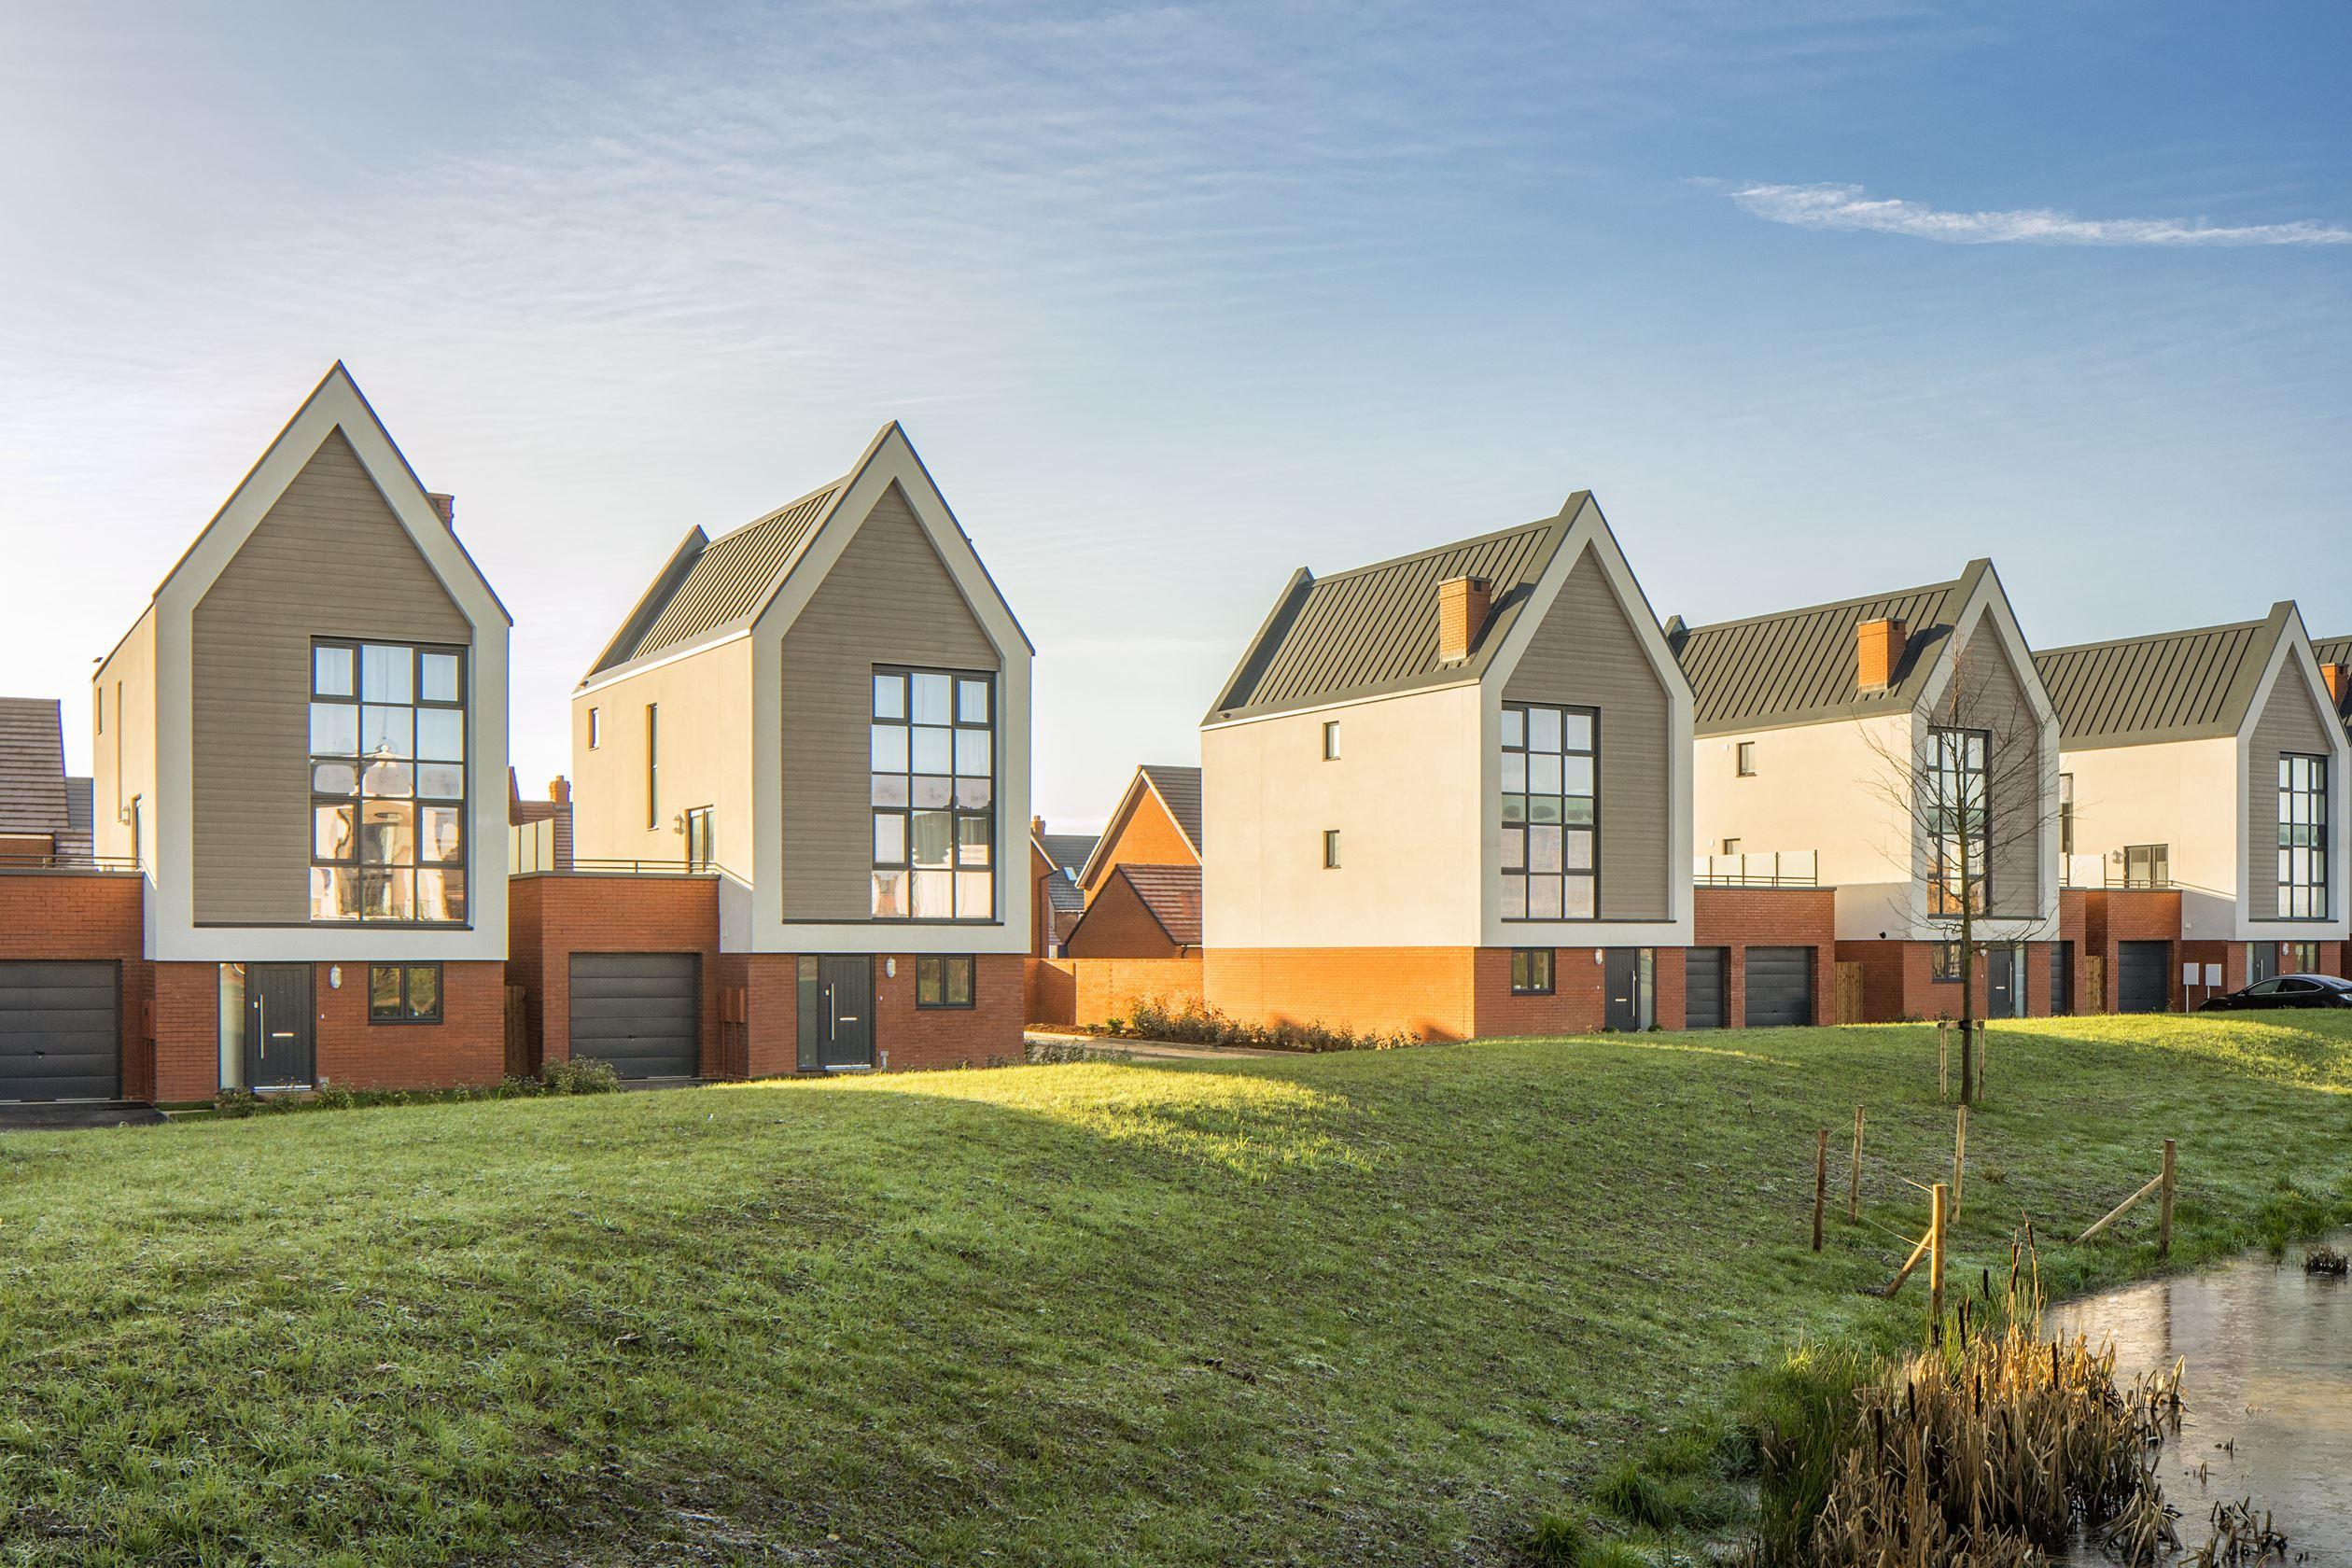 New Build Homes in Tadpole Garden Village